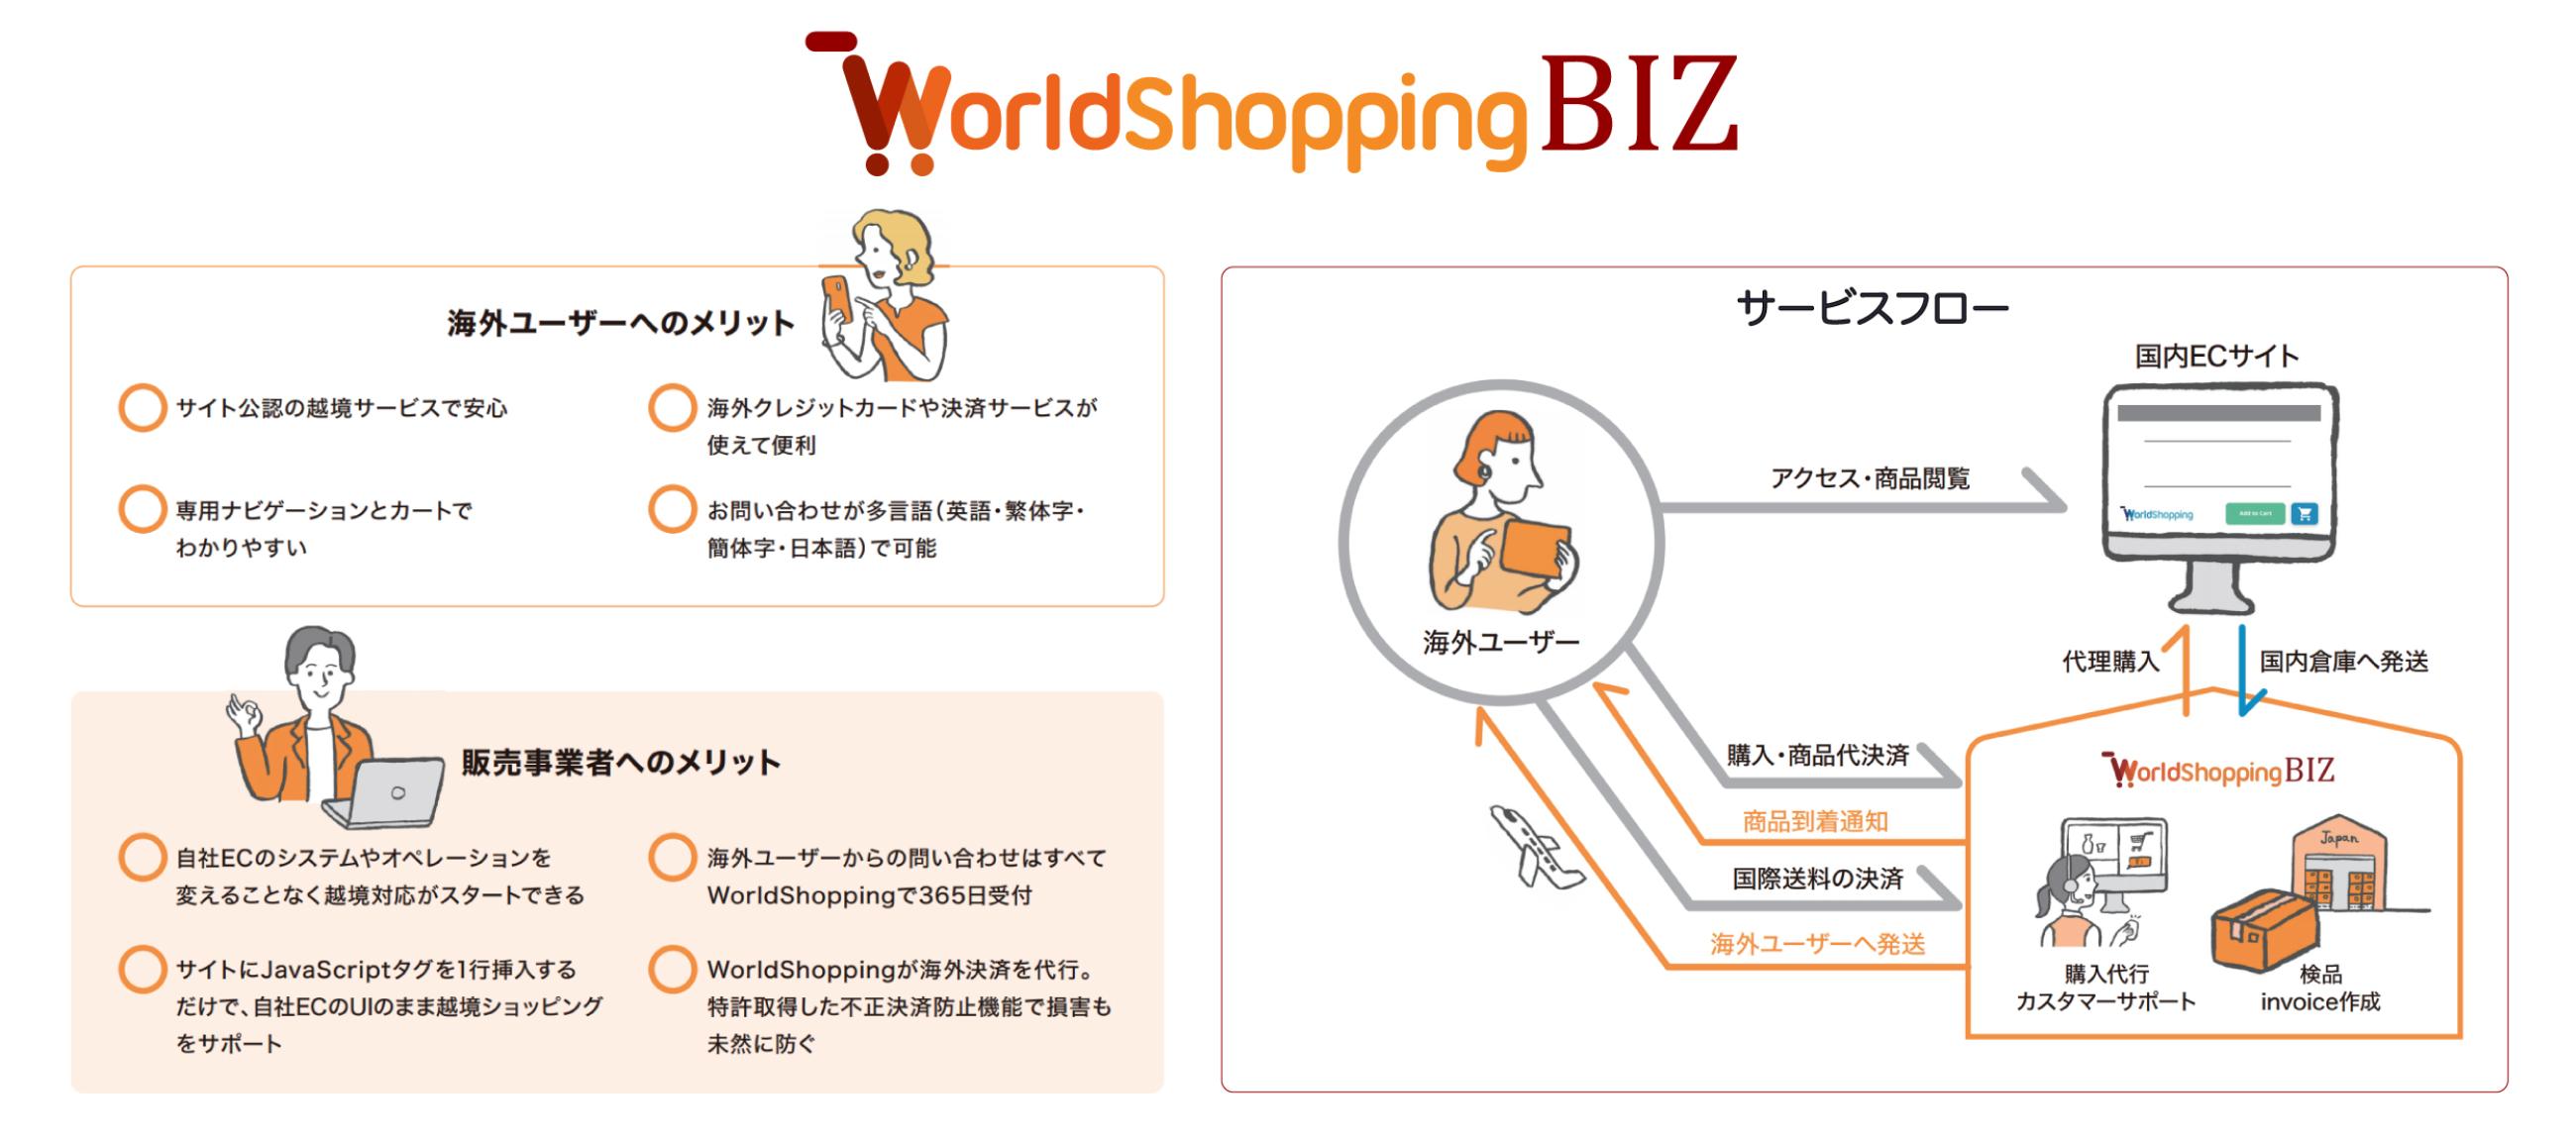 WorldShopping BIZ利用メリット・サービス全体フロー